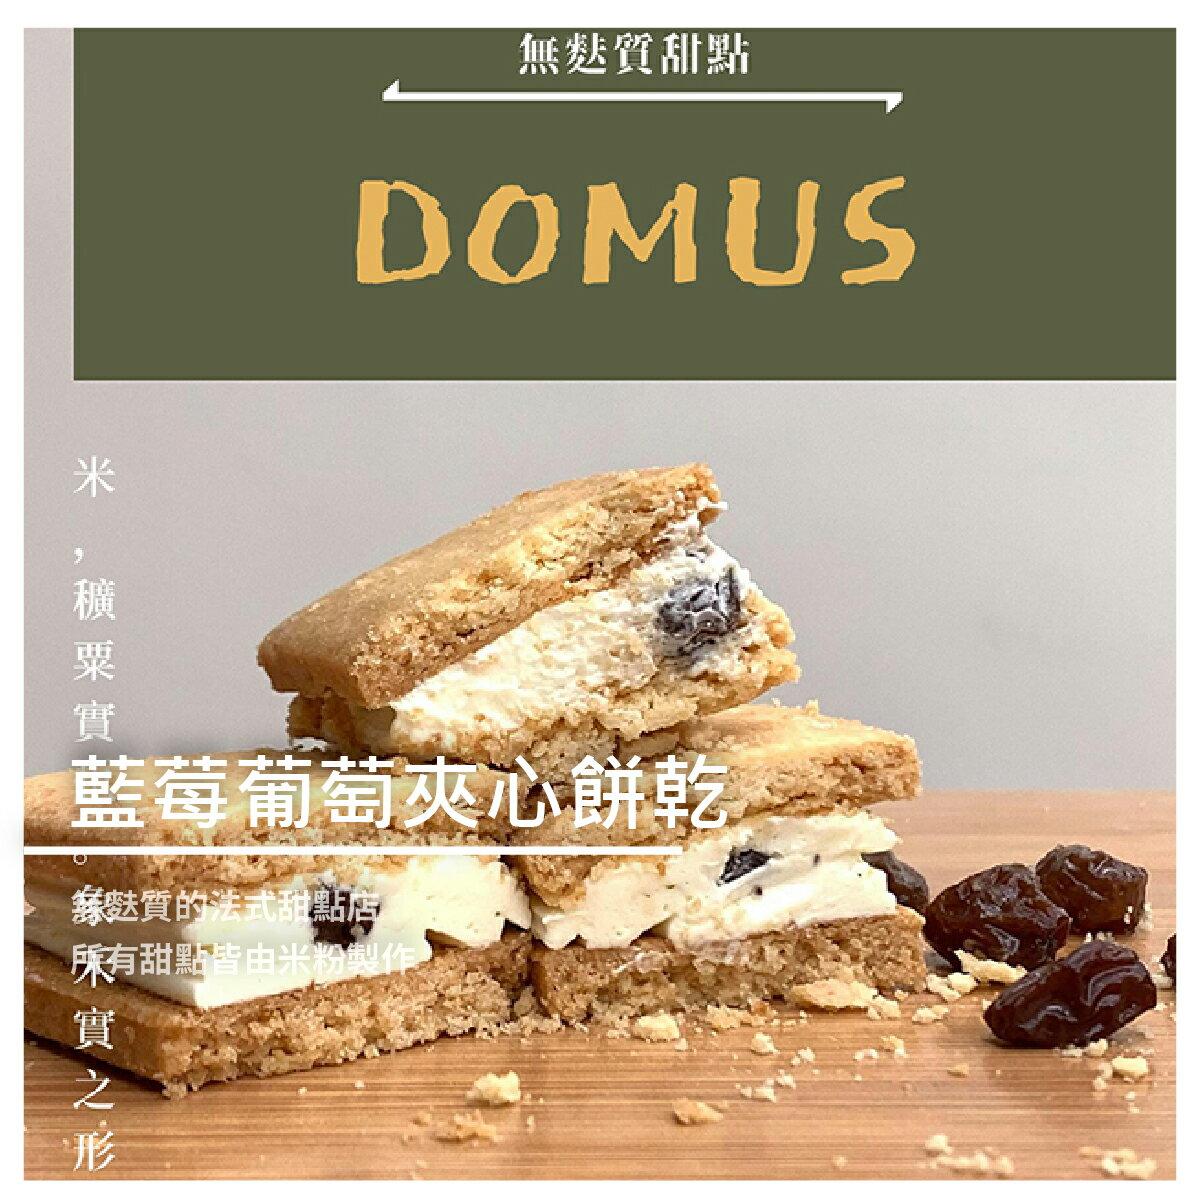 【Domus幸福洋菓子】藍莓葡萄夾心餅乾 8入(蛋奶素)